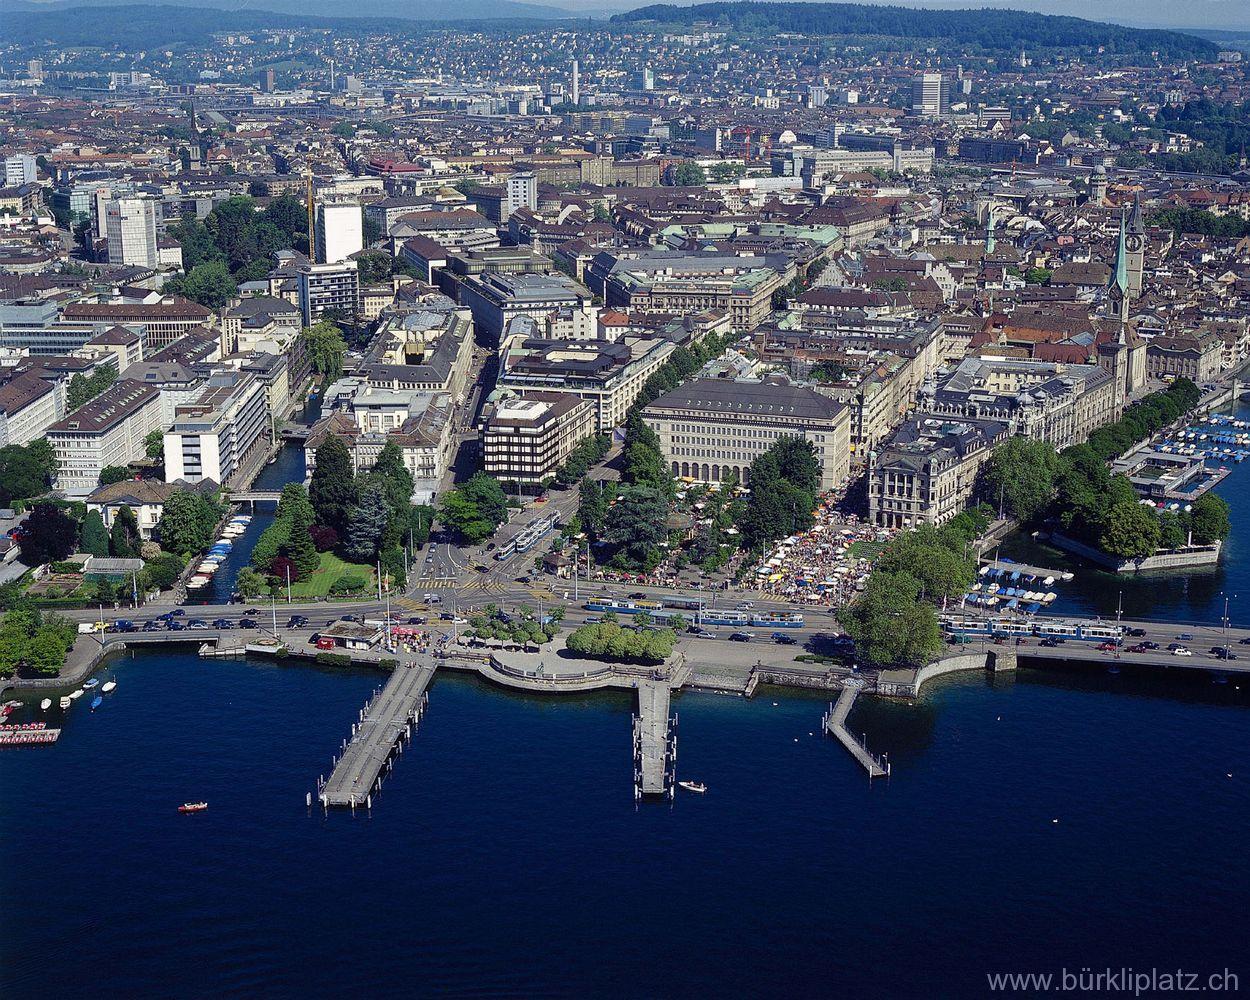 Banking District Zurich Zurich Outdoor River